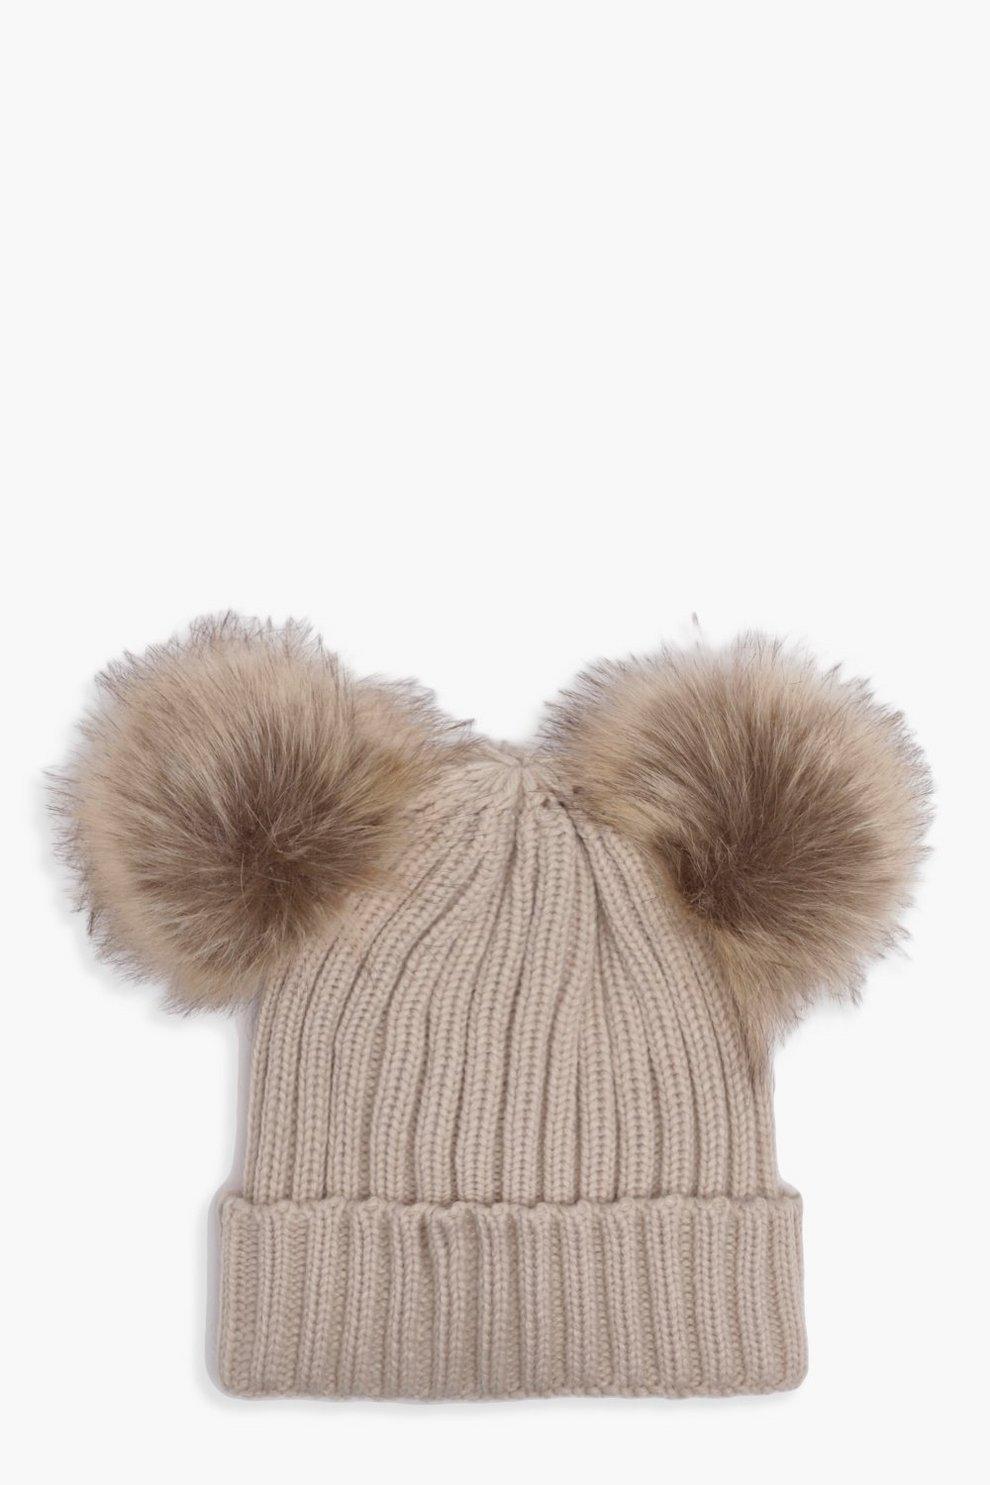 49a44376e82 Girls Double Pom Pom Beanie Hat